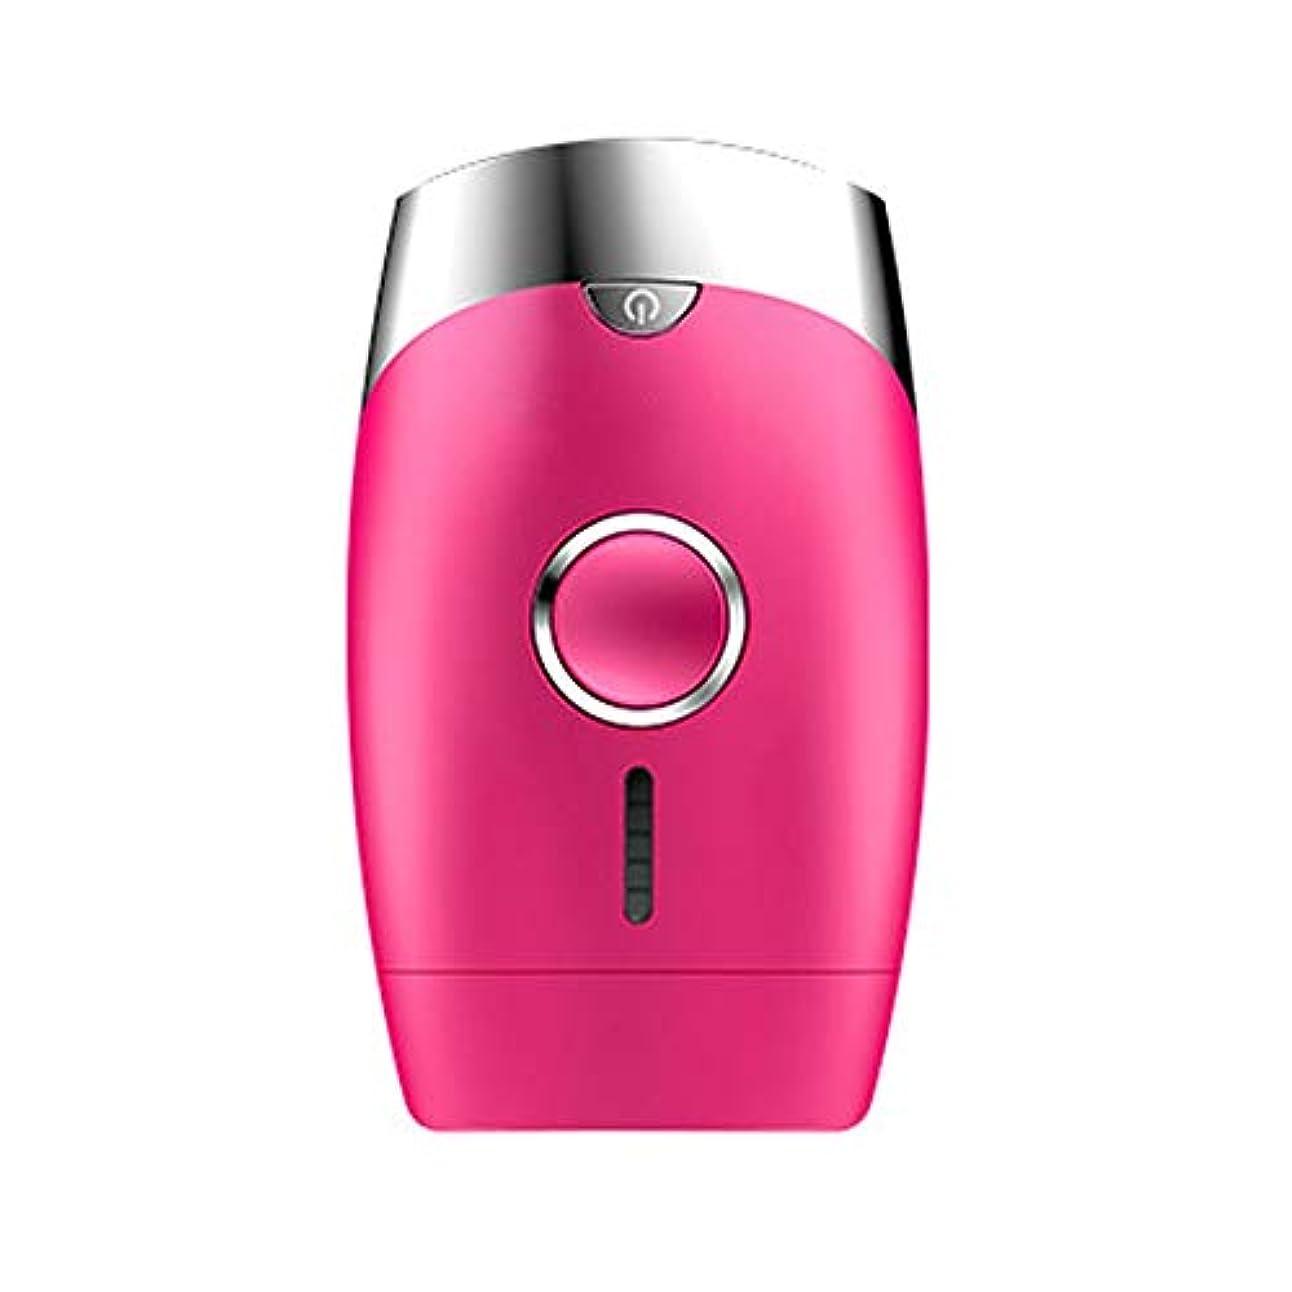 とげ現在ブラシ高男 ピンク、5スピード調整、インテリジェント家庭用無痛快適凍結ポイント脱毛剤、シングルフラッシュ/連続フラッシュ、サイズ13.9x8.3x4.8cm (Color : Pink)